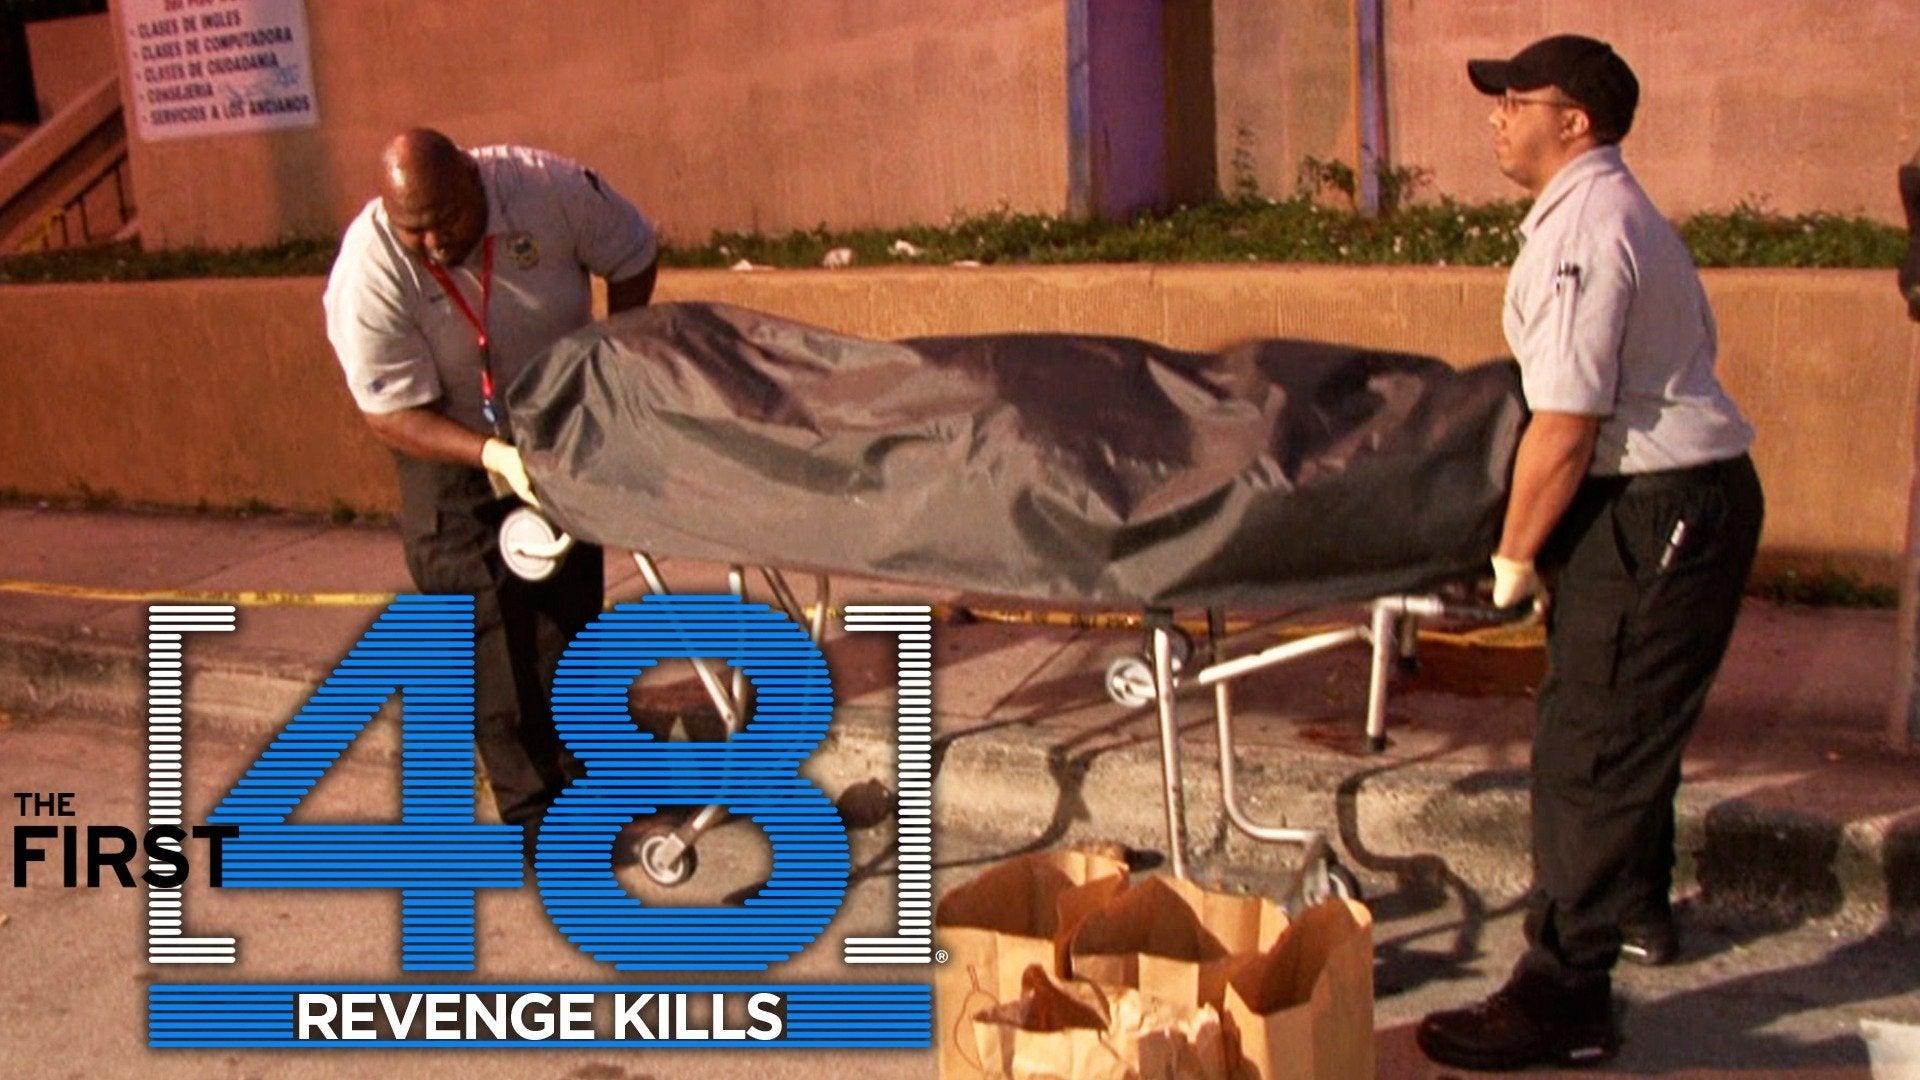 The First 48: Revenge Kills